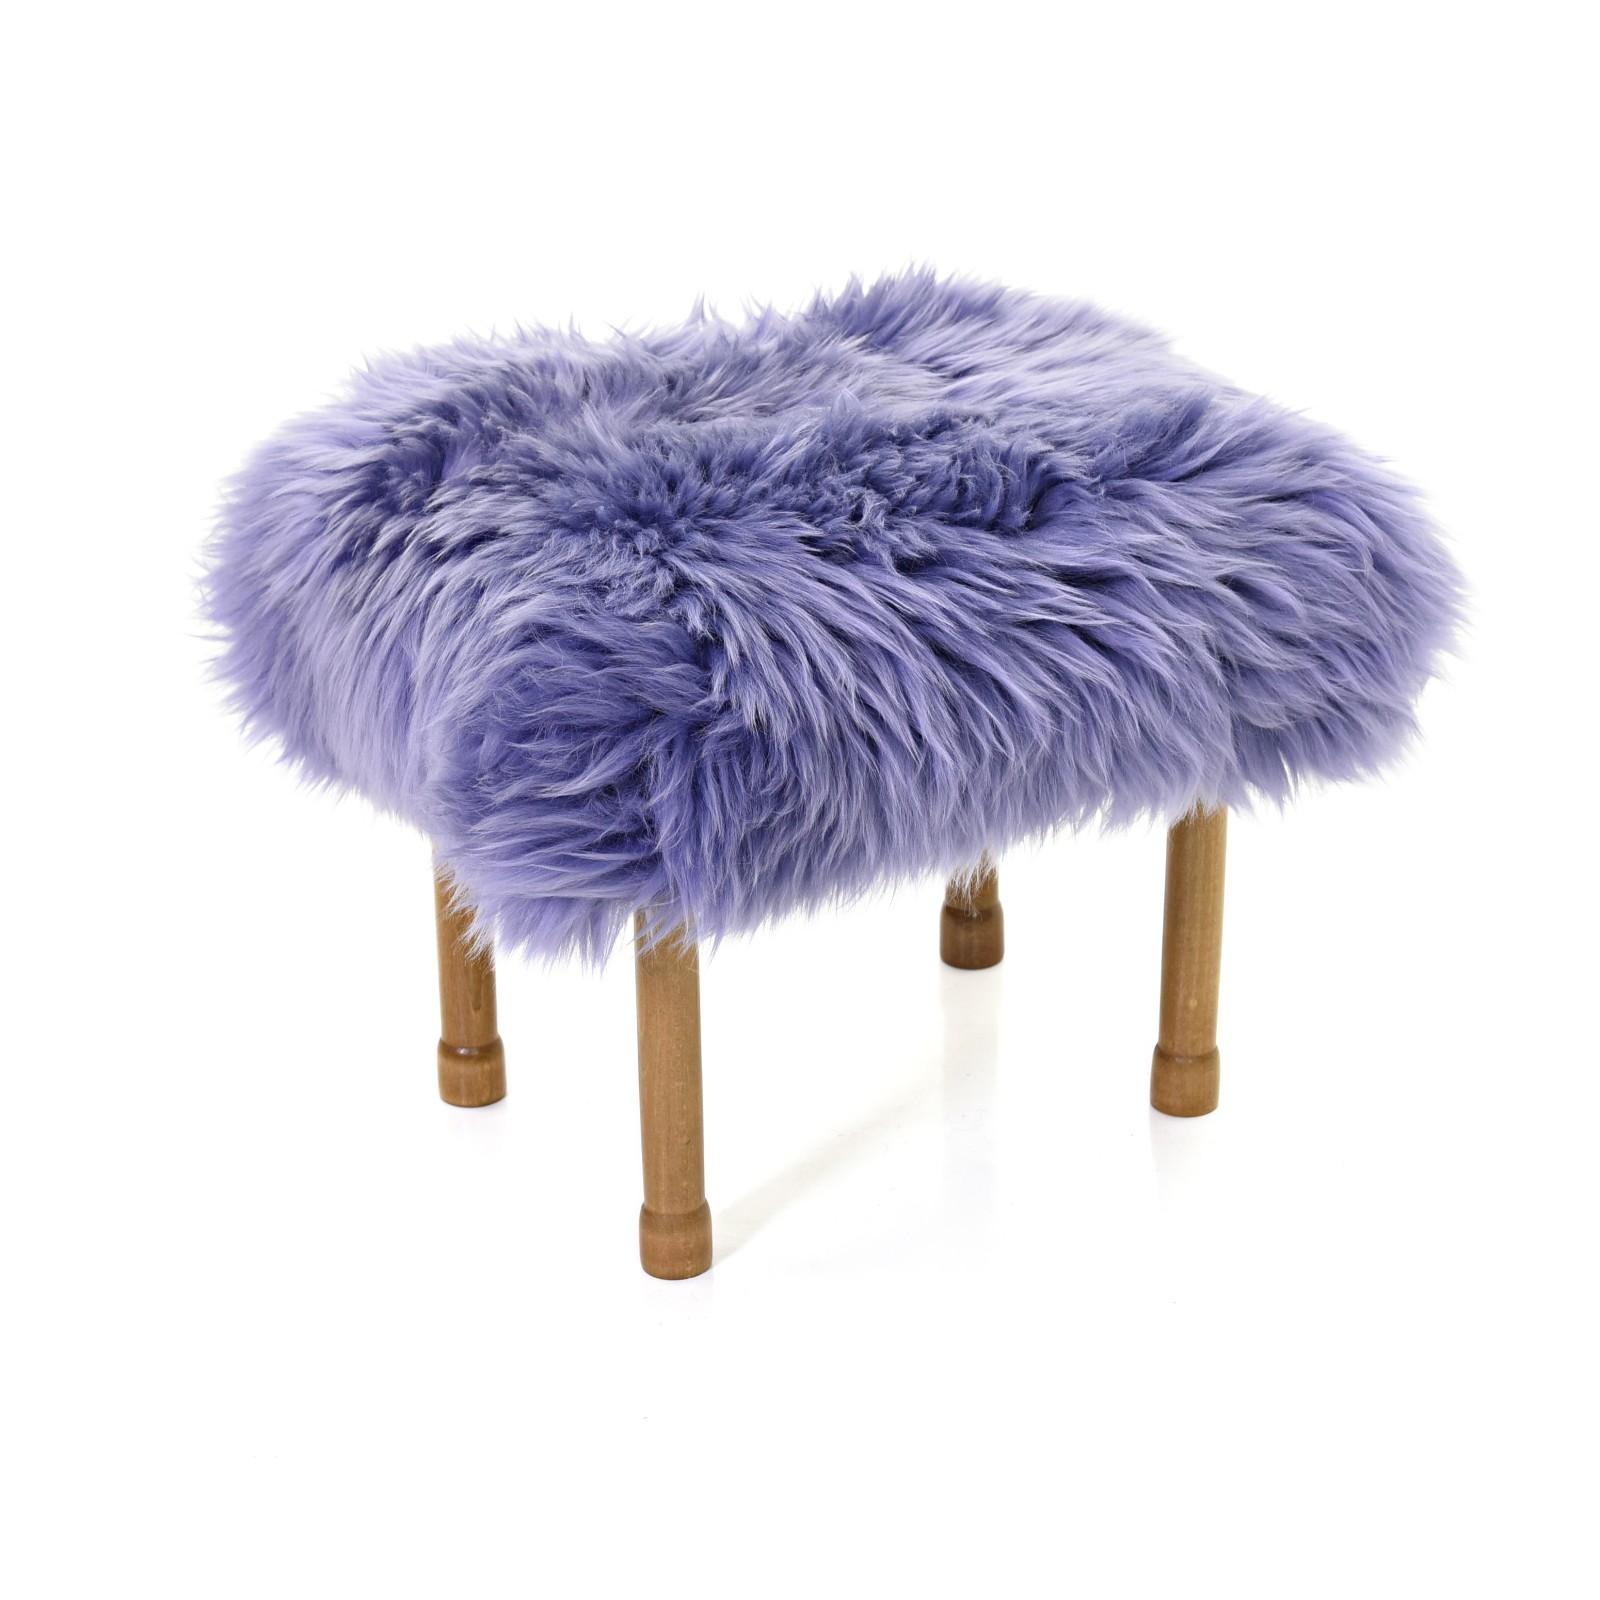 Myfanwy Sheepskin Footstool Lilac